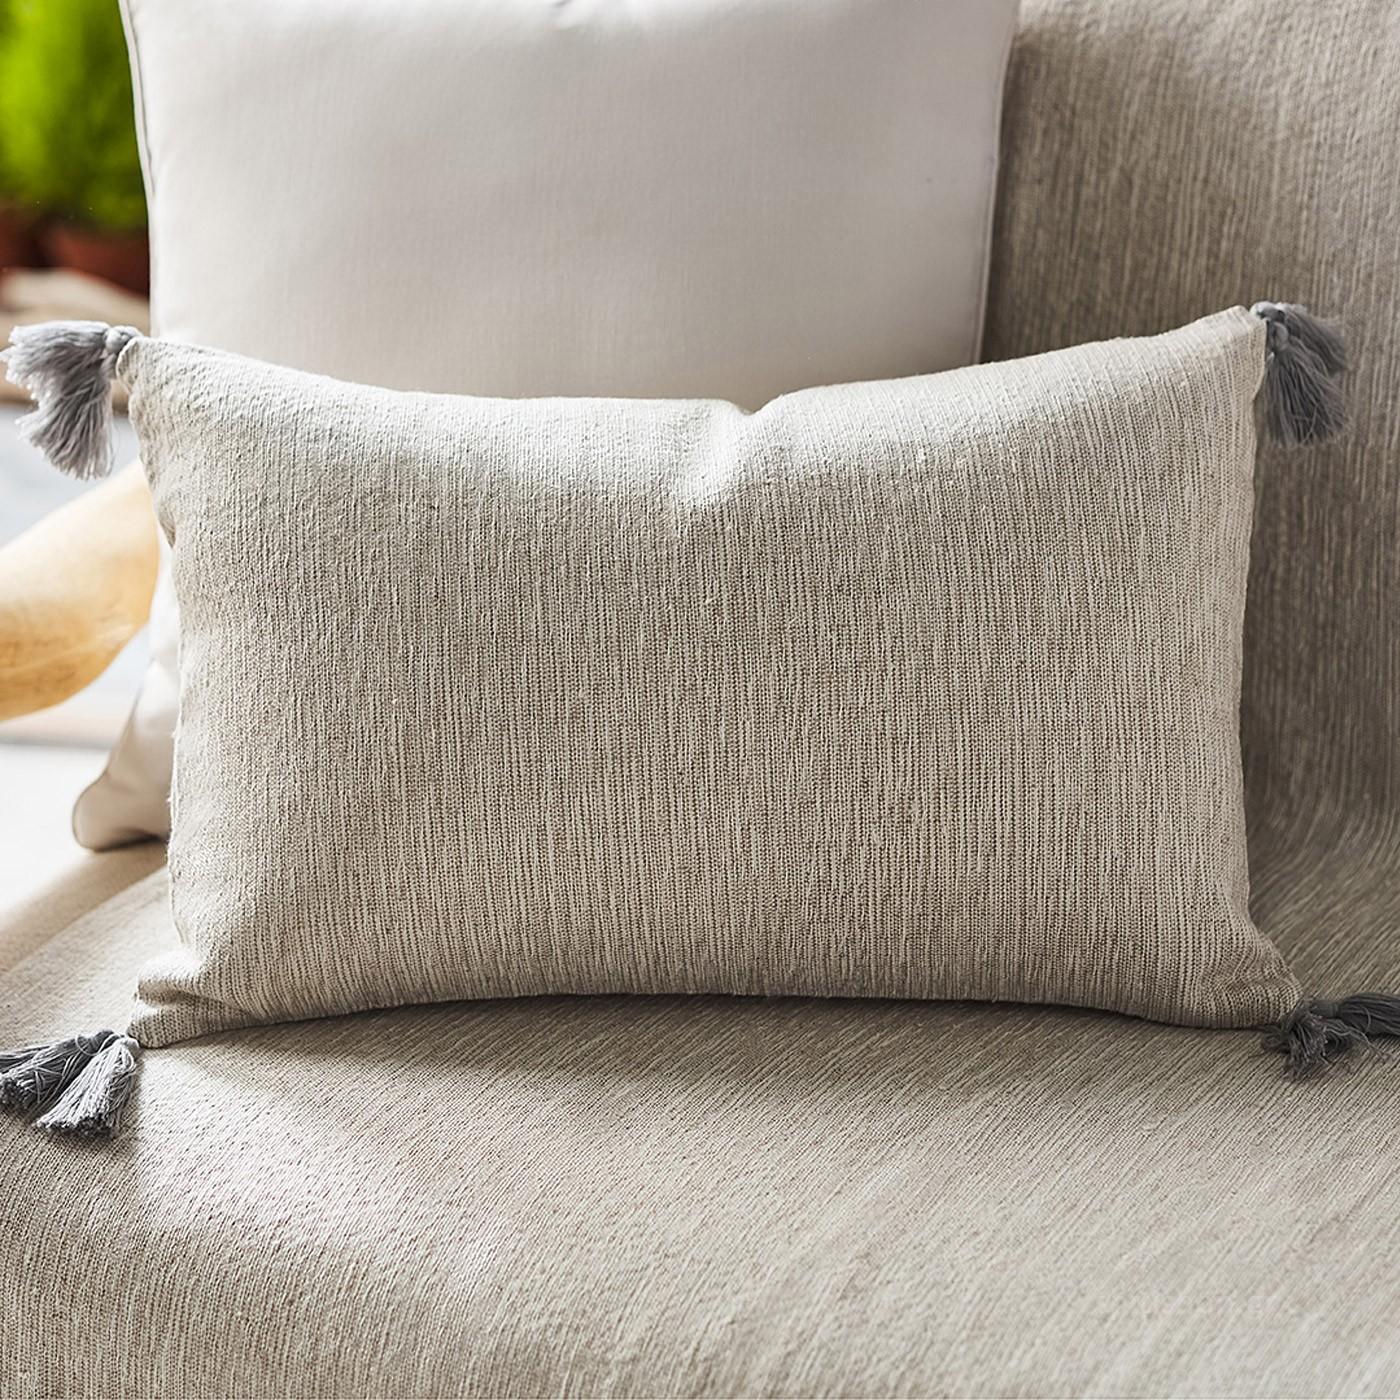 Διακοσμητική Μαξιλαροθήκη Gofis Home Trace Grey 467/15